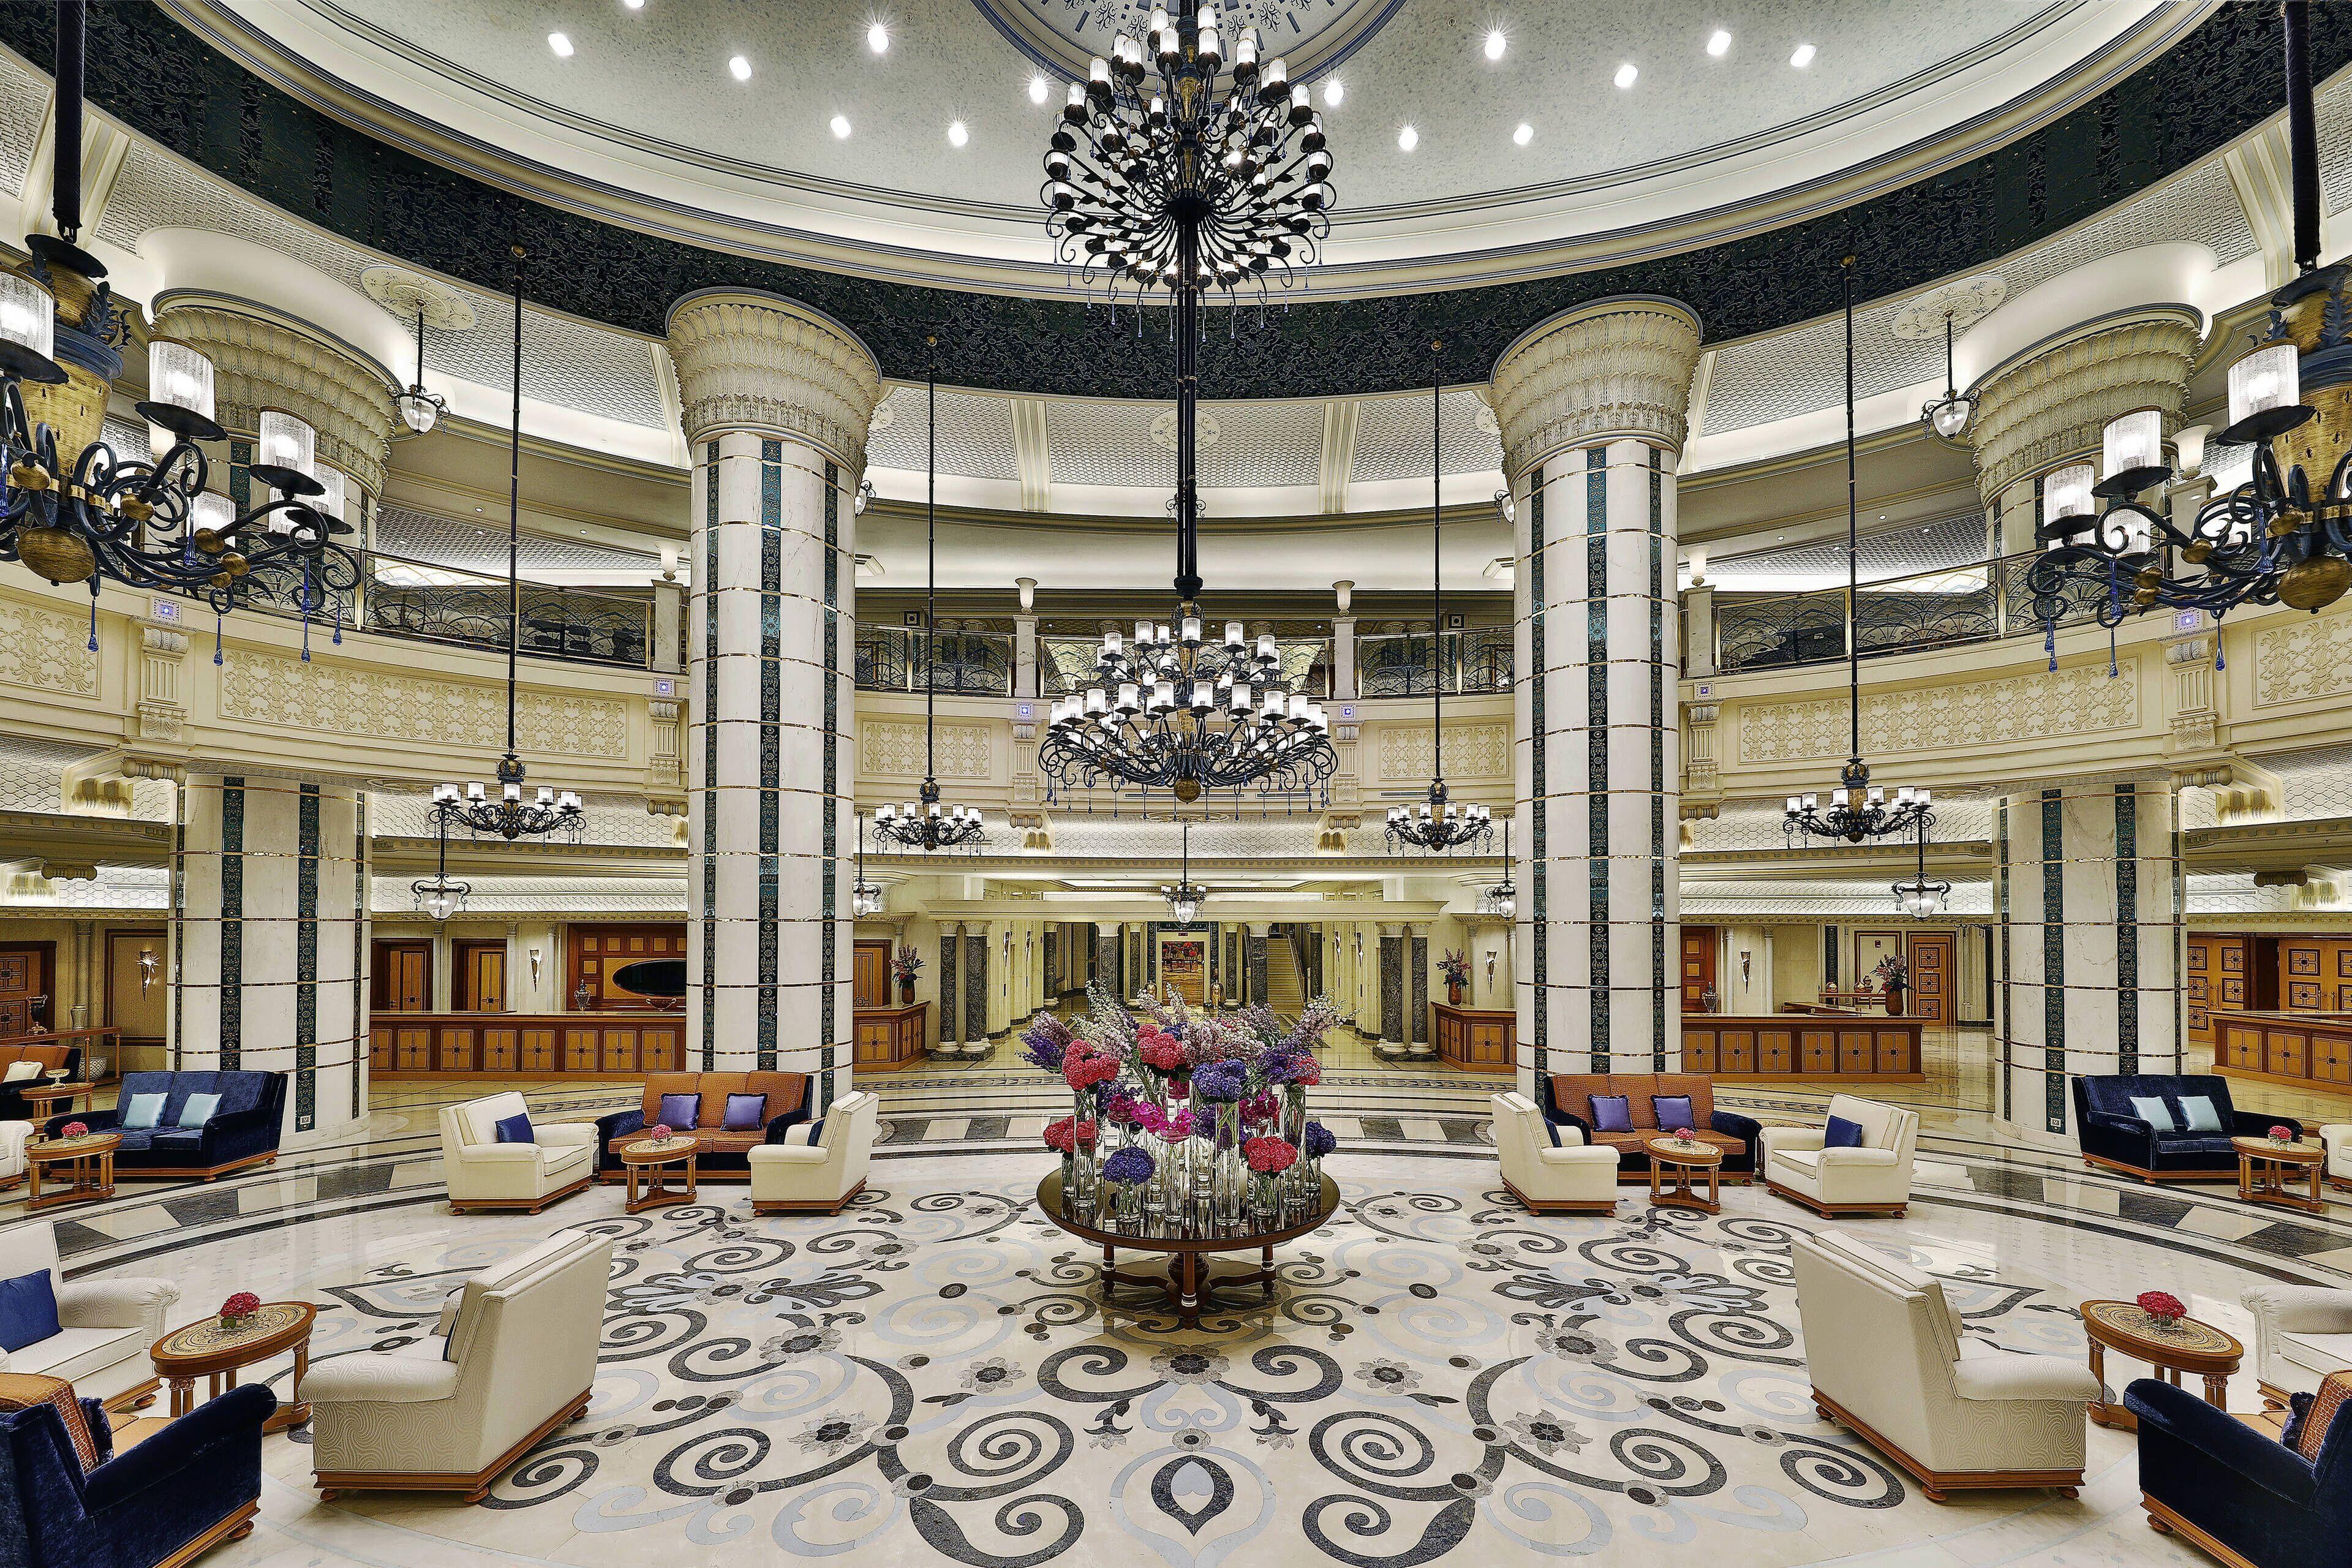 Courtesy of The Ritz-Carlton Jeddah / Expedia